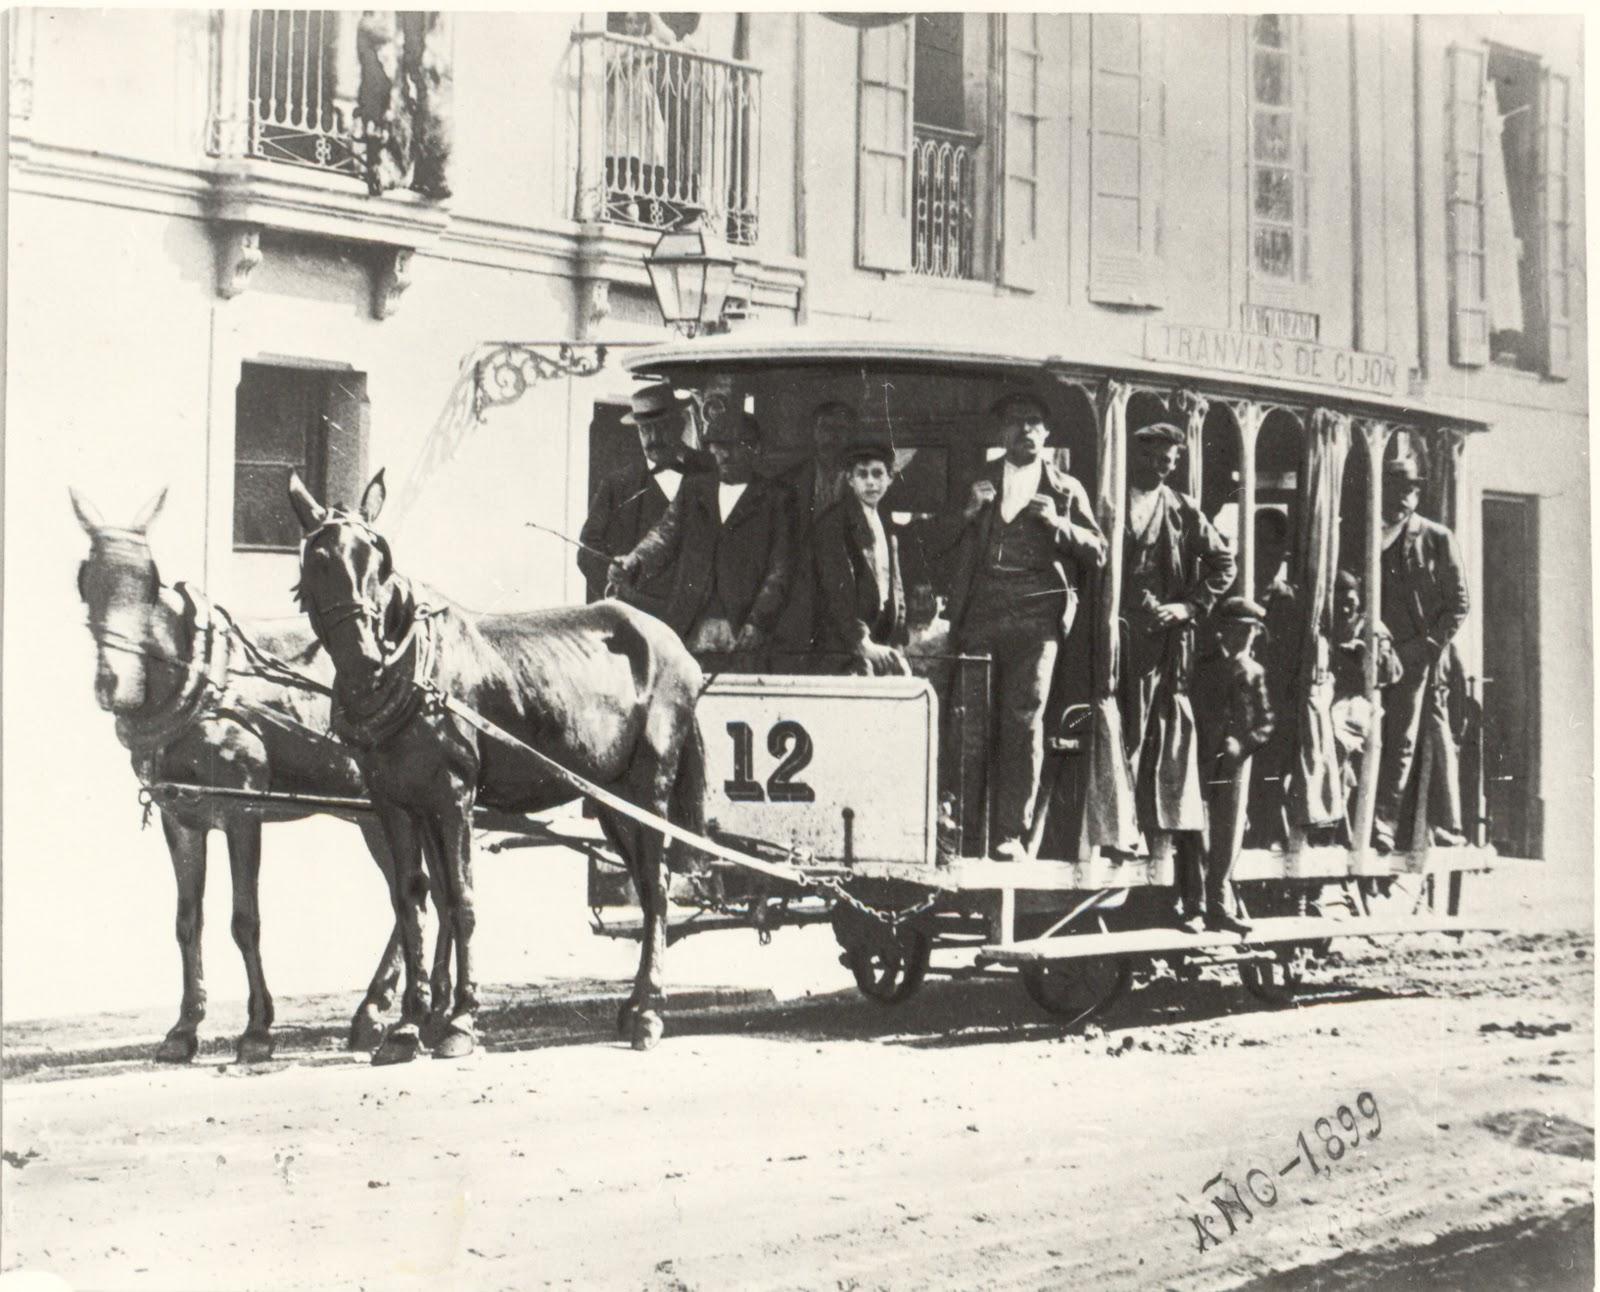 Tranvias de Gijon , año 1899, fondo Museo del Ferrocarril de Asturias